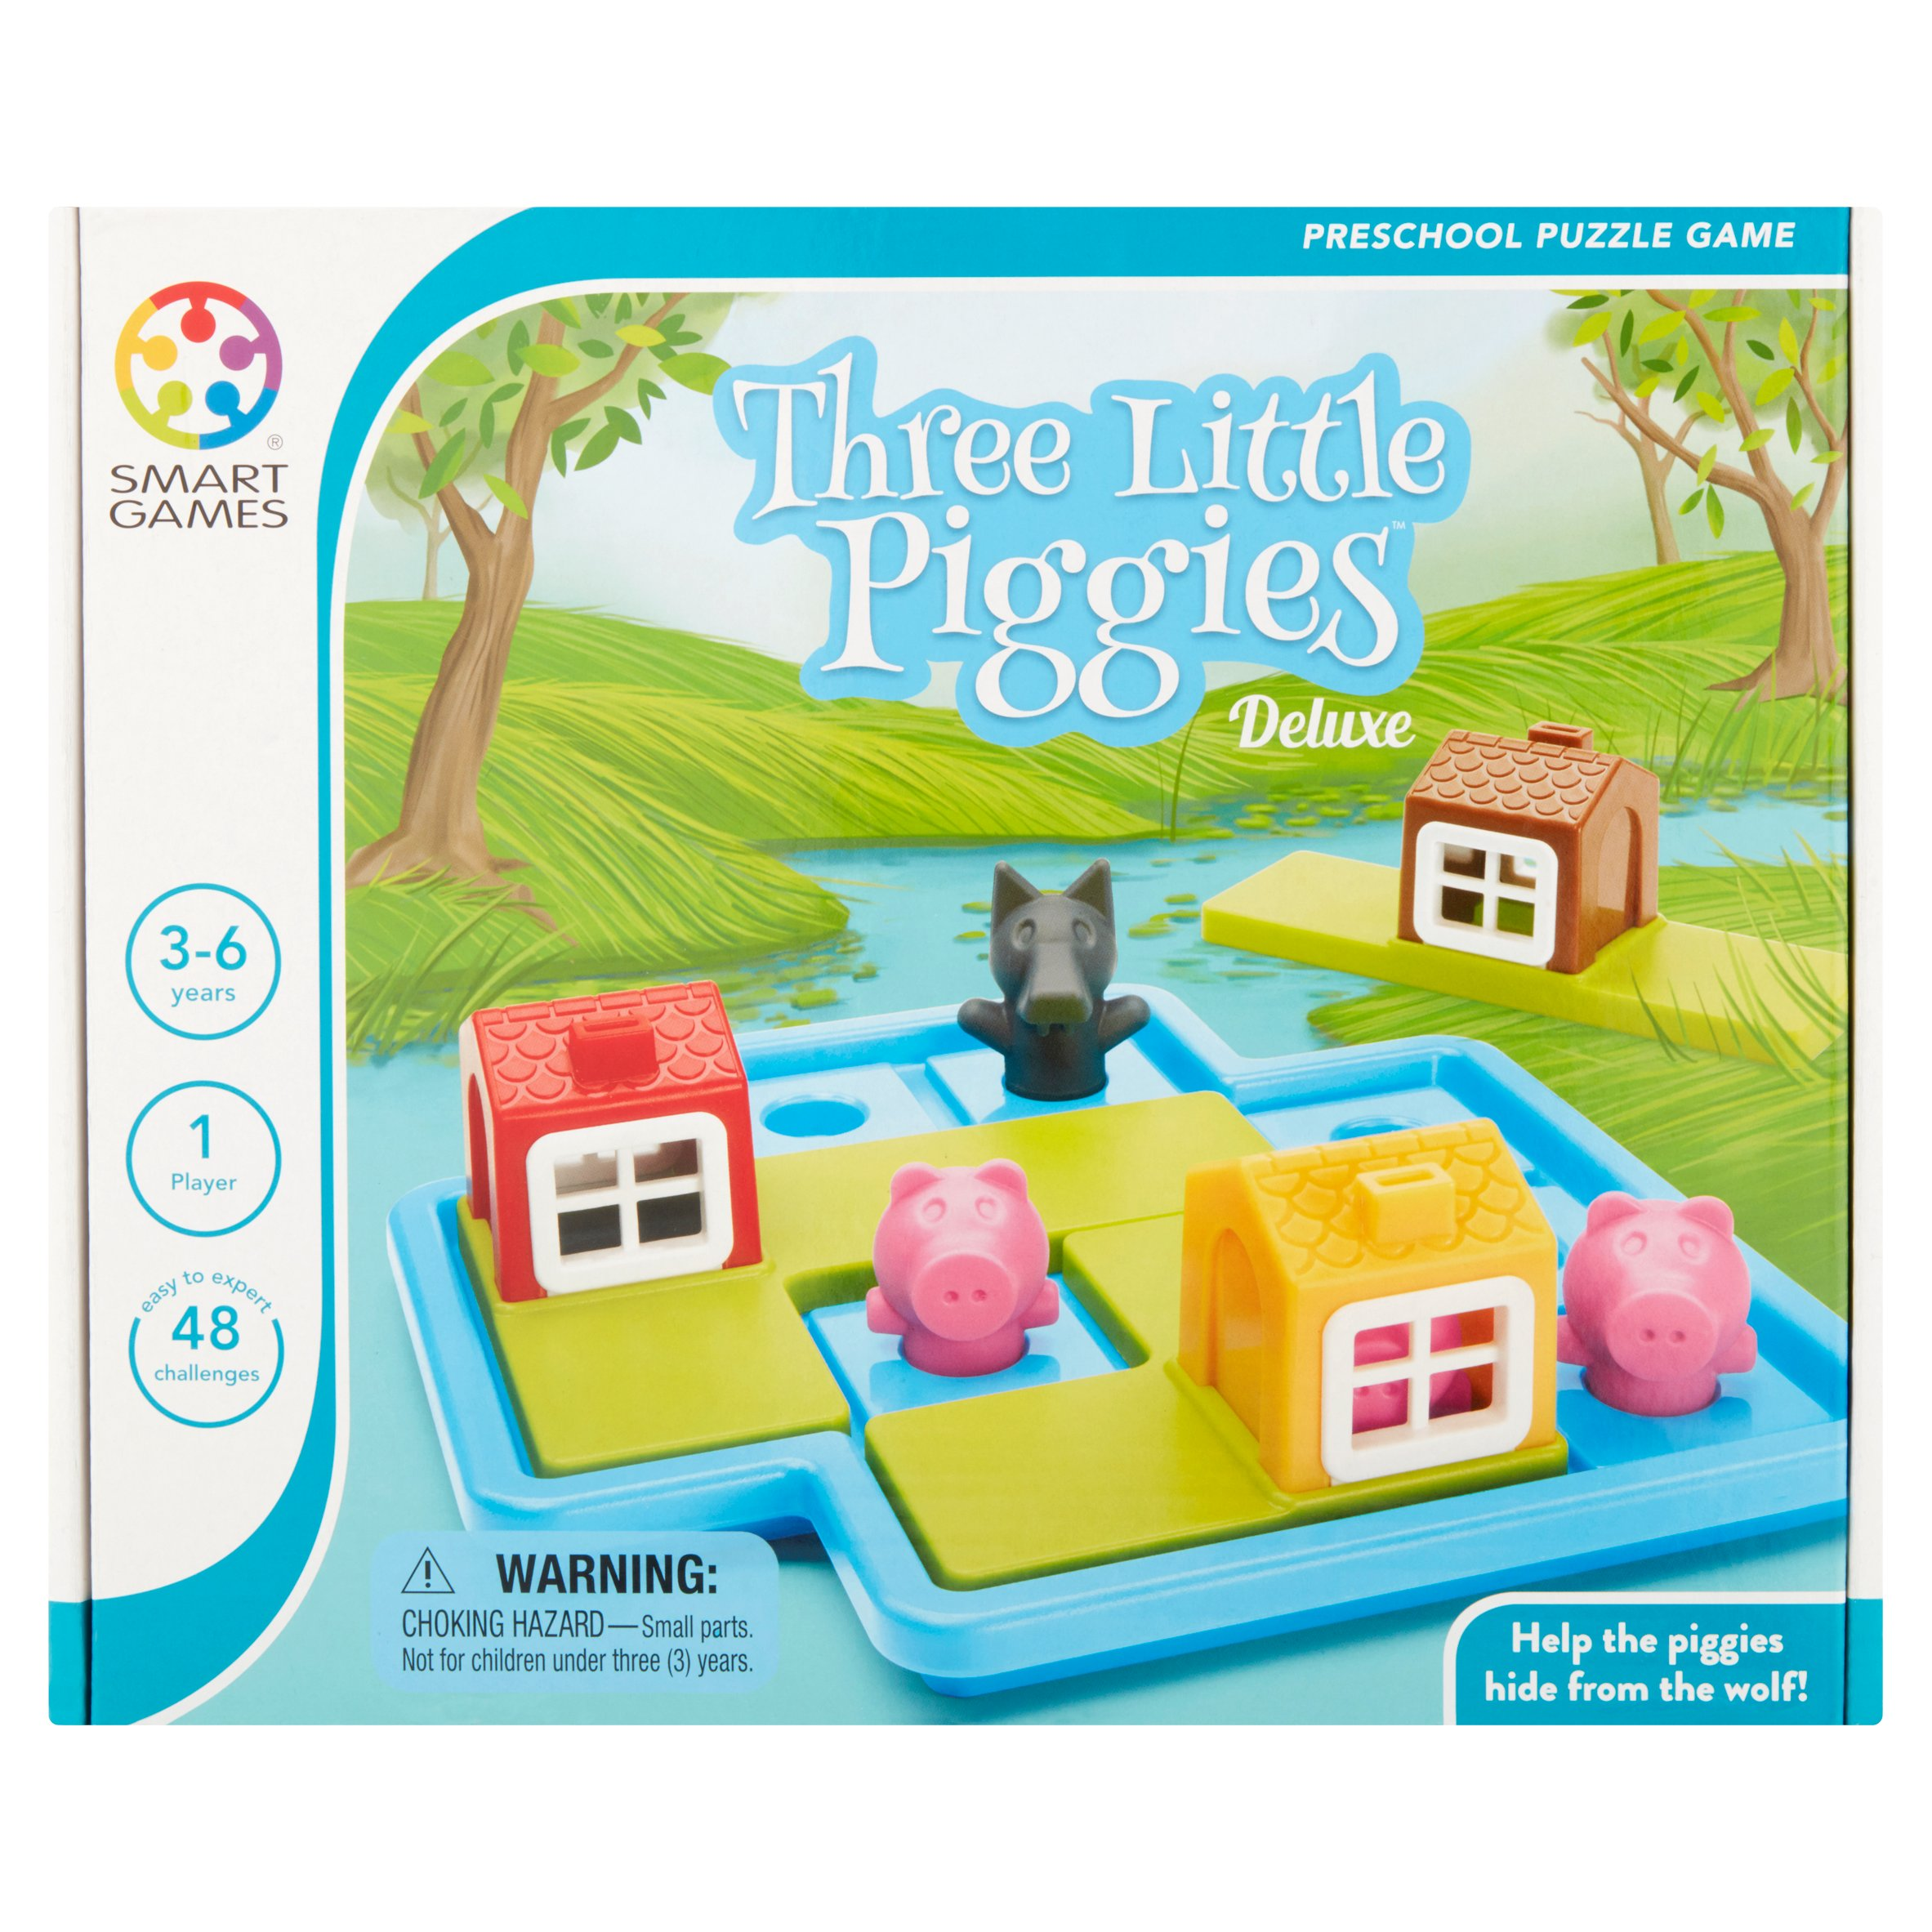 Smart Games Three Little Piggies Deluxe Preschool Puzzle Game 3-6 Years by Three Little Piggies